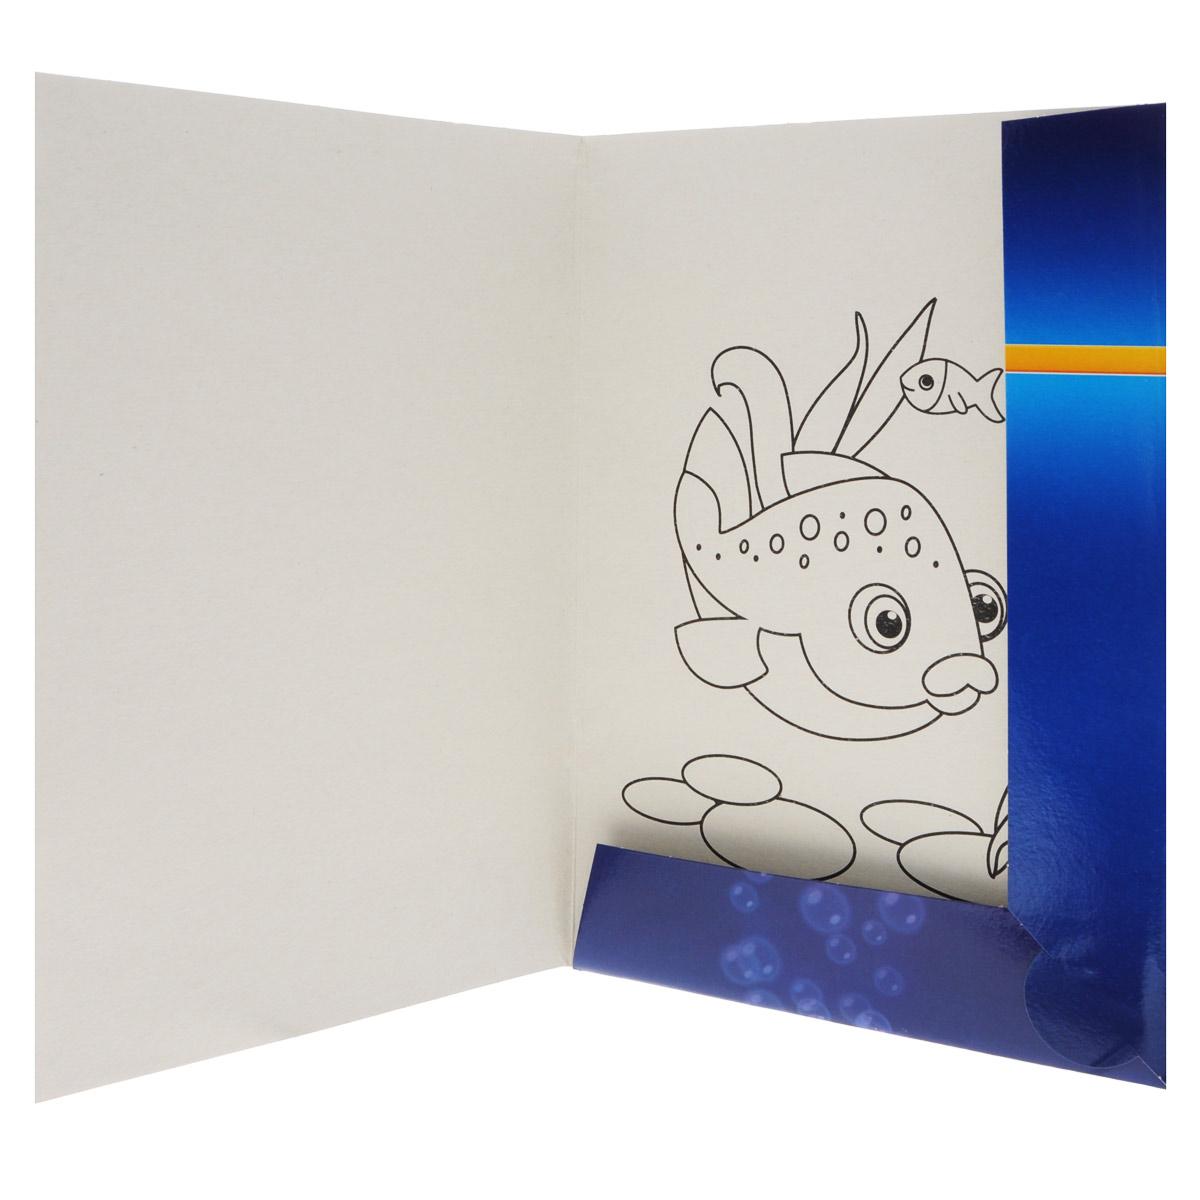 Двусторонний цветной картон Hatber Подводный мир позволит вашему ребенку создавать всевозможные аппликации и поделки. Набор состоит из десяти листов разноцветного картона с полуглянцевым покрытием формата А4. Картон упакован в оригинальную картонную папку, оформленную изображением необычайно красивого подводного мира.Создание поделок из картона поможет ребенку в развитии творческих способностей, кроме того, это увлекательный досуг.  Рекомендуемый возраст от 6 лет.